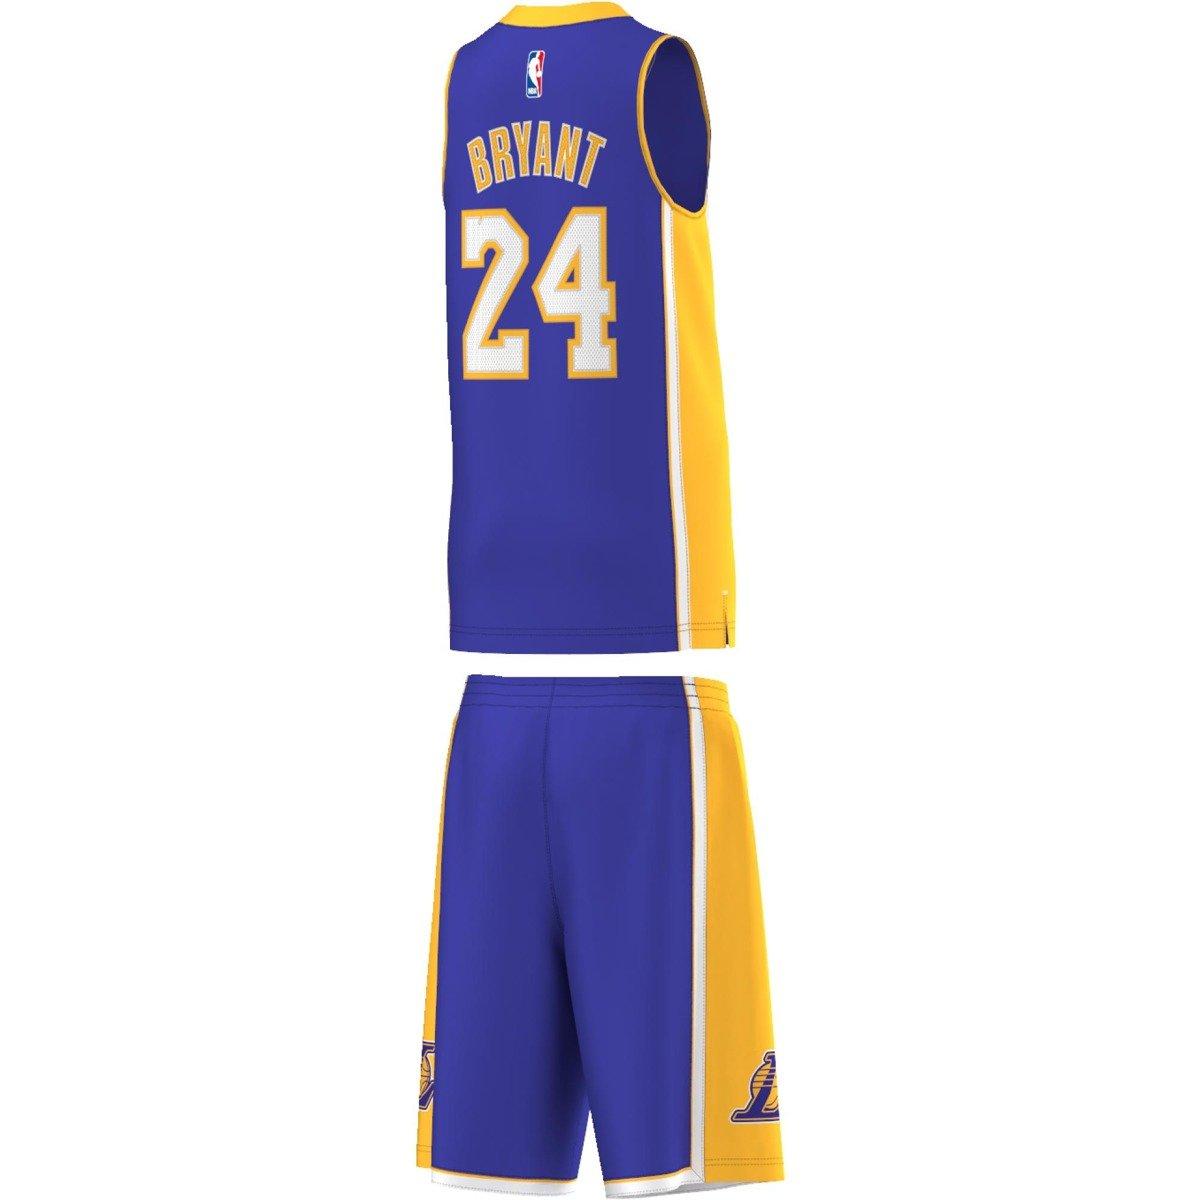 fnqzby Cheap Jordans For Sale Online | CHEAP NBA BASKETBALL JERSEYS